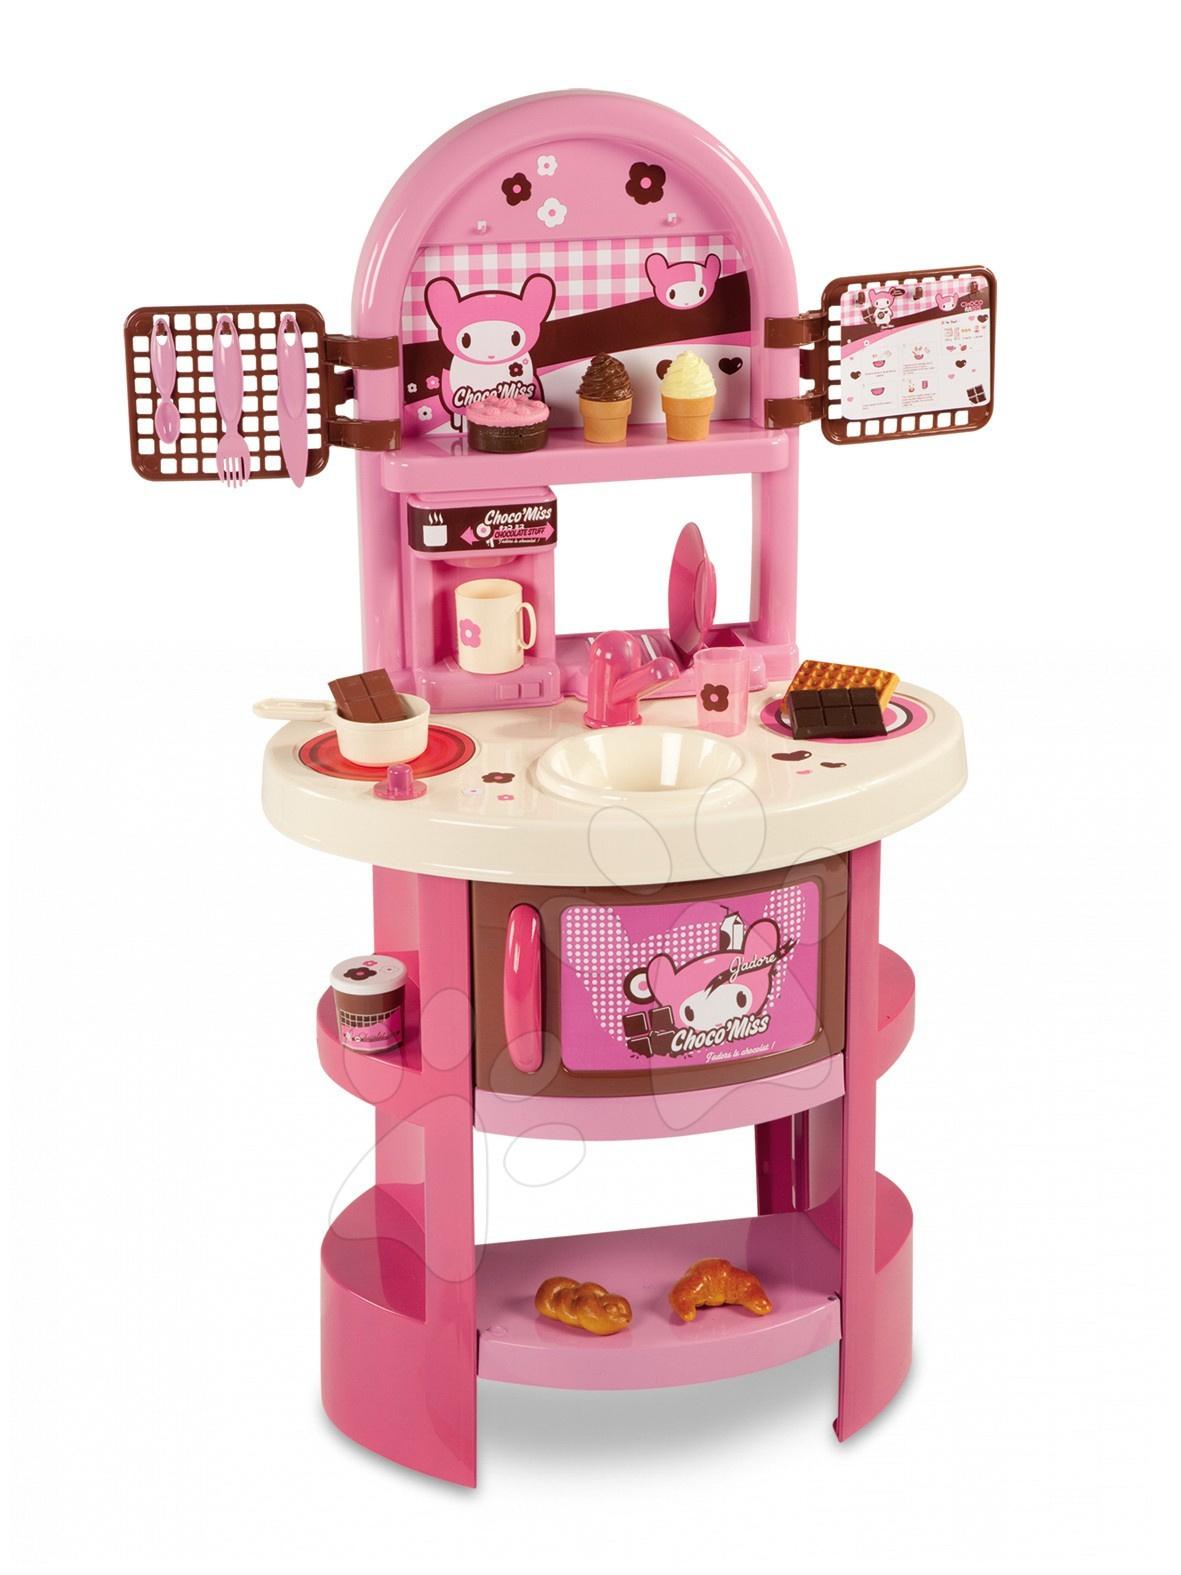 Staré položky - Kuchyňka Choco Miss Smoby růžová a 20 doplňků